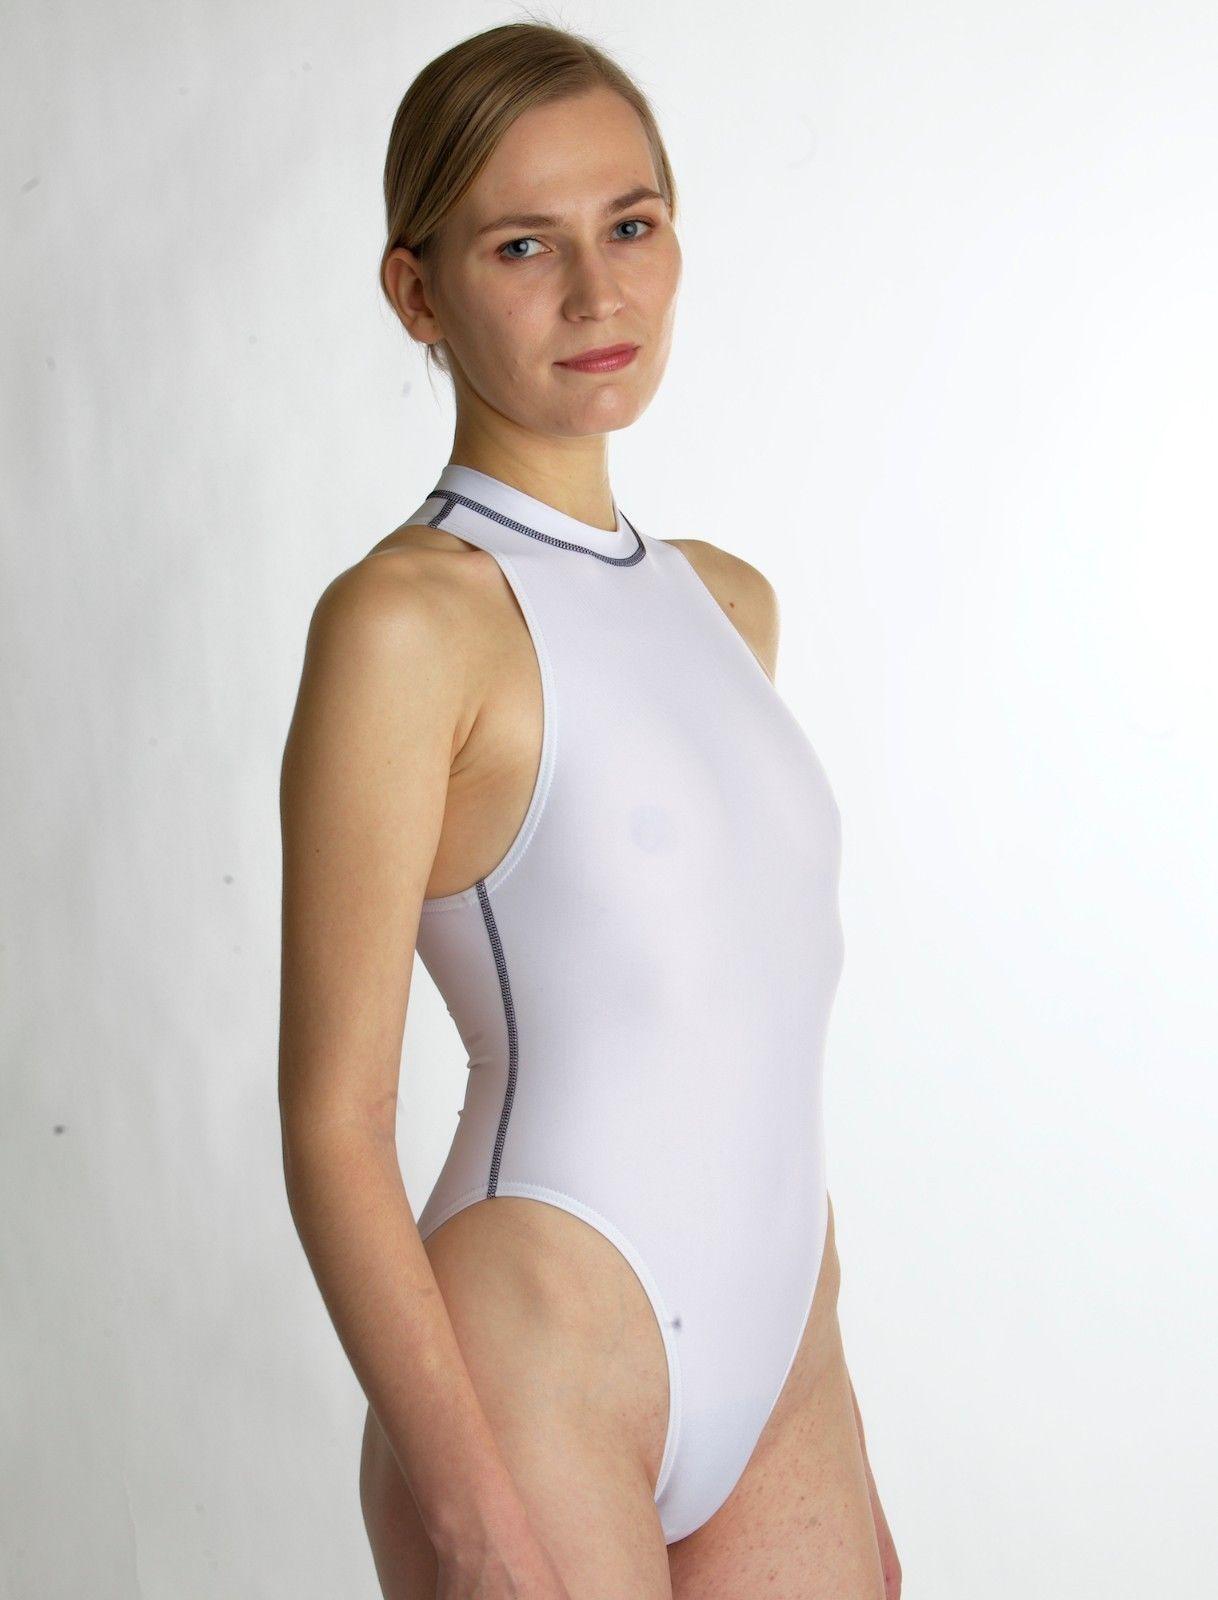 Badeanzug/Schwimmanzug Hydrasuit Neu weiß Größe 42 ...